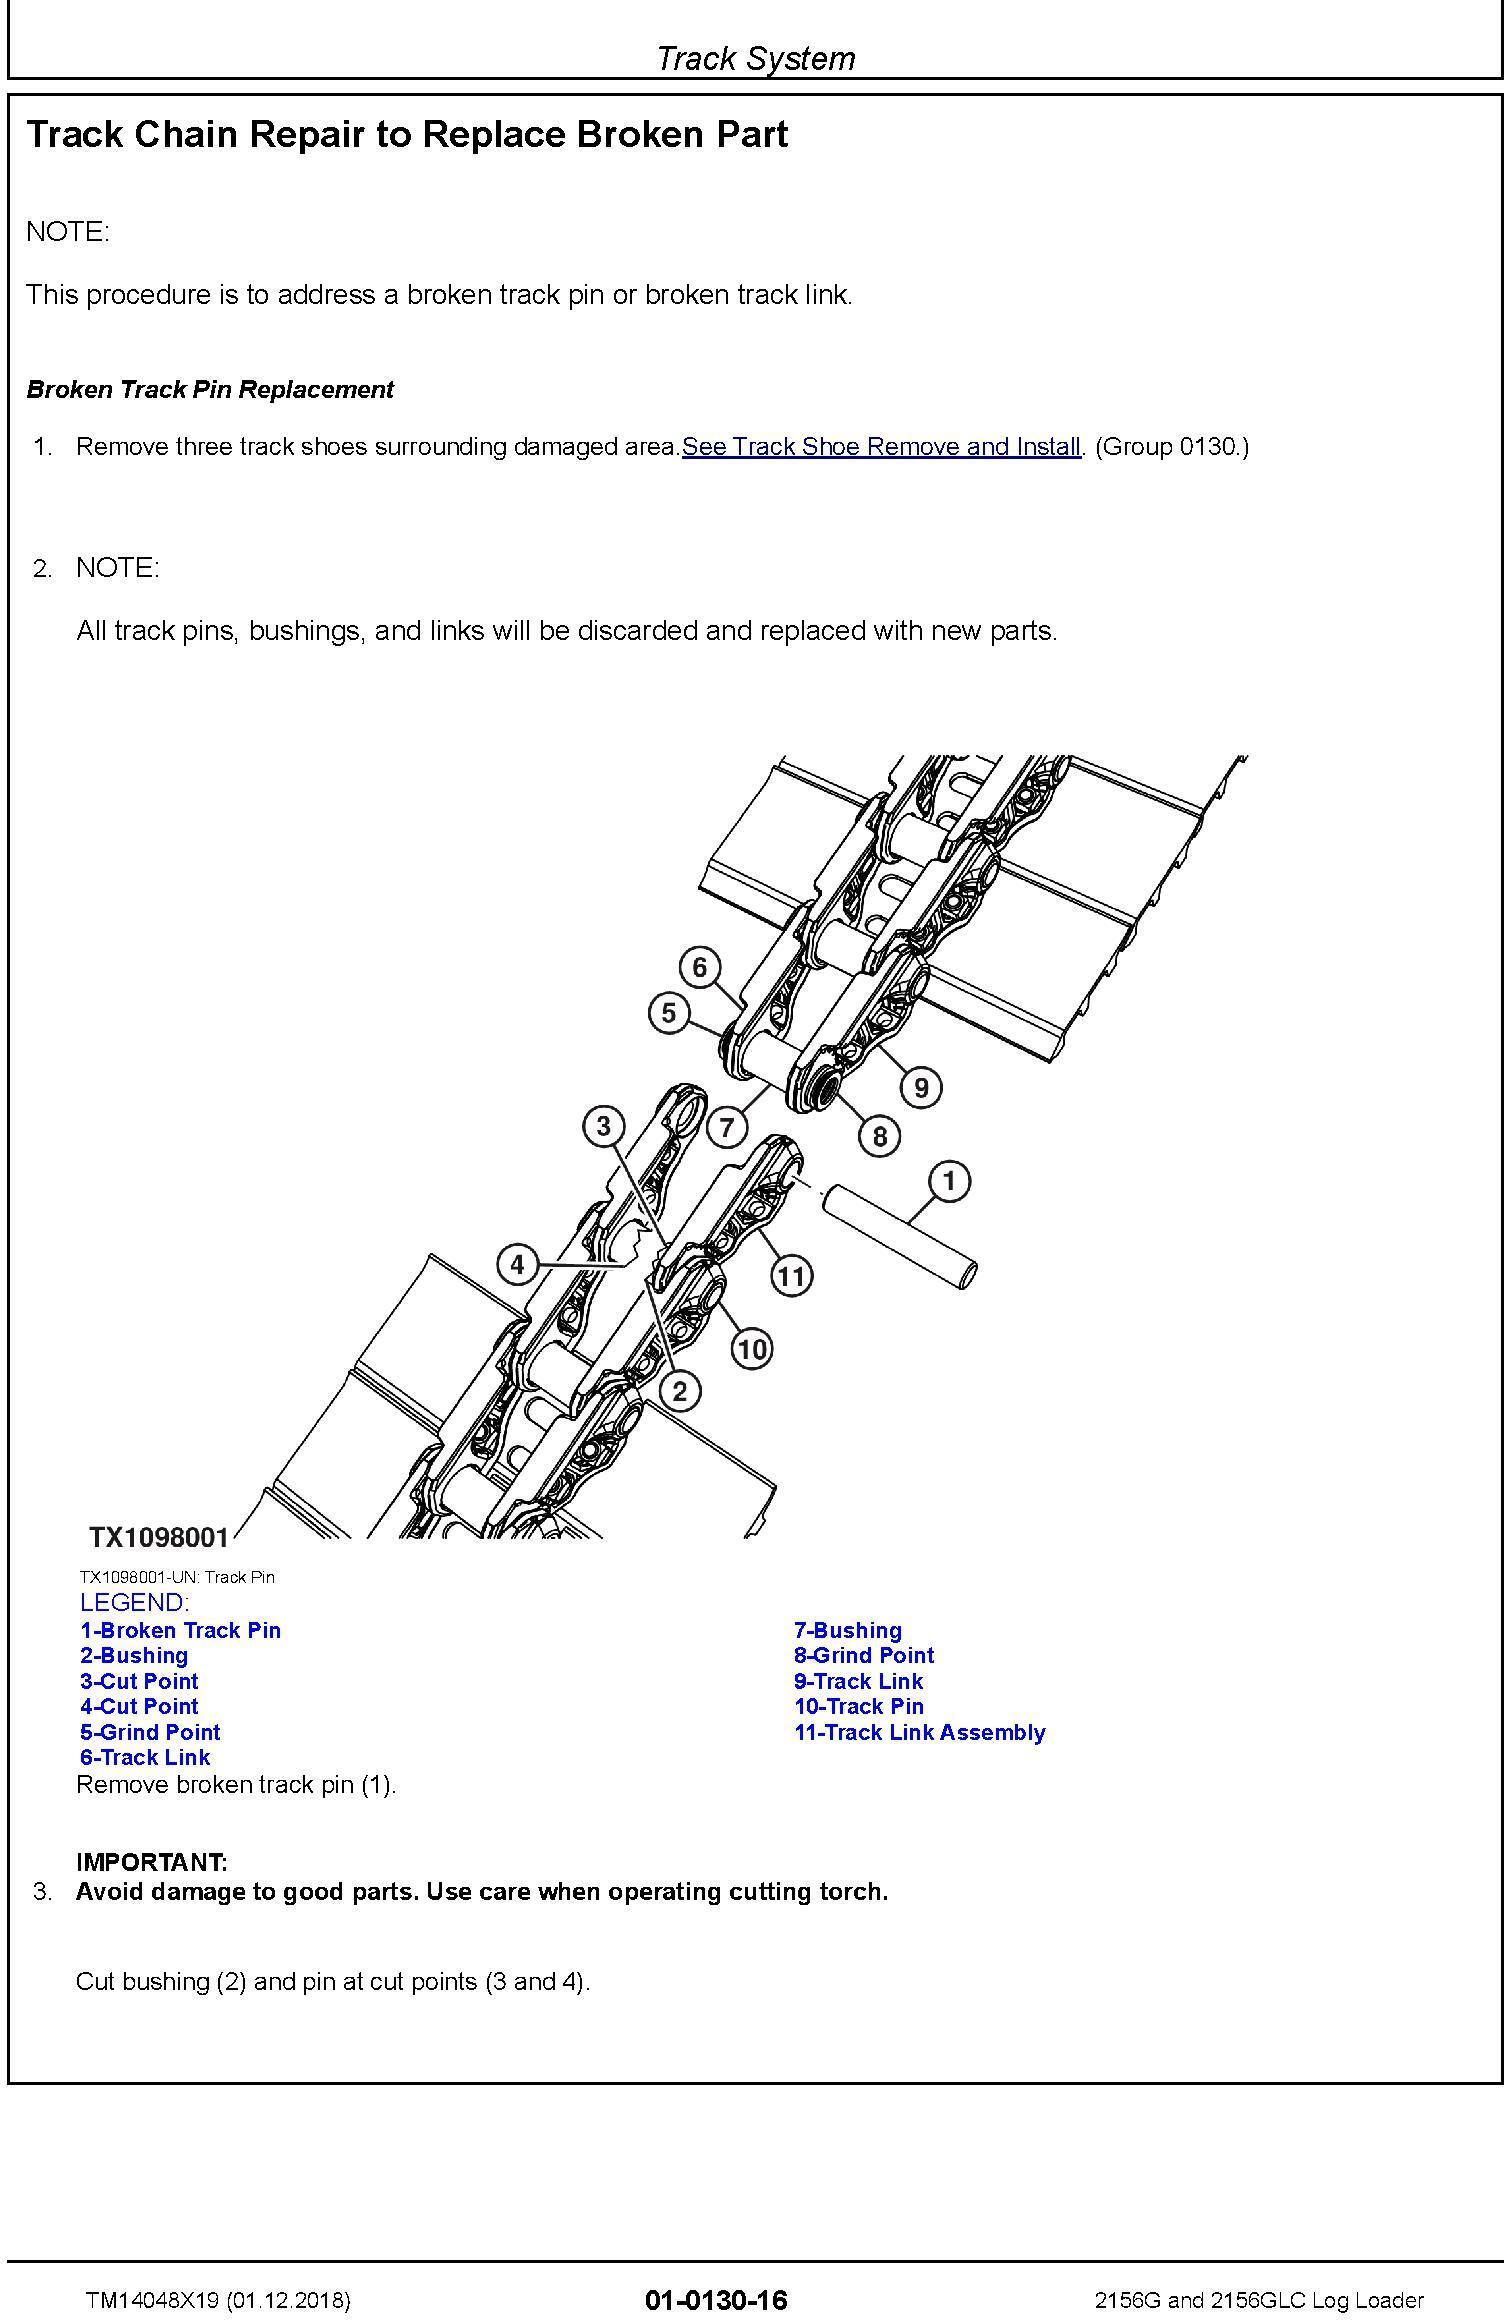 John Deere 2156G, 2156GLC (SN. C216001-, D216001) Log Loader Repair Technical Manual (TM14048X19) - 2